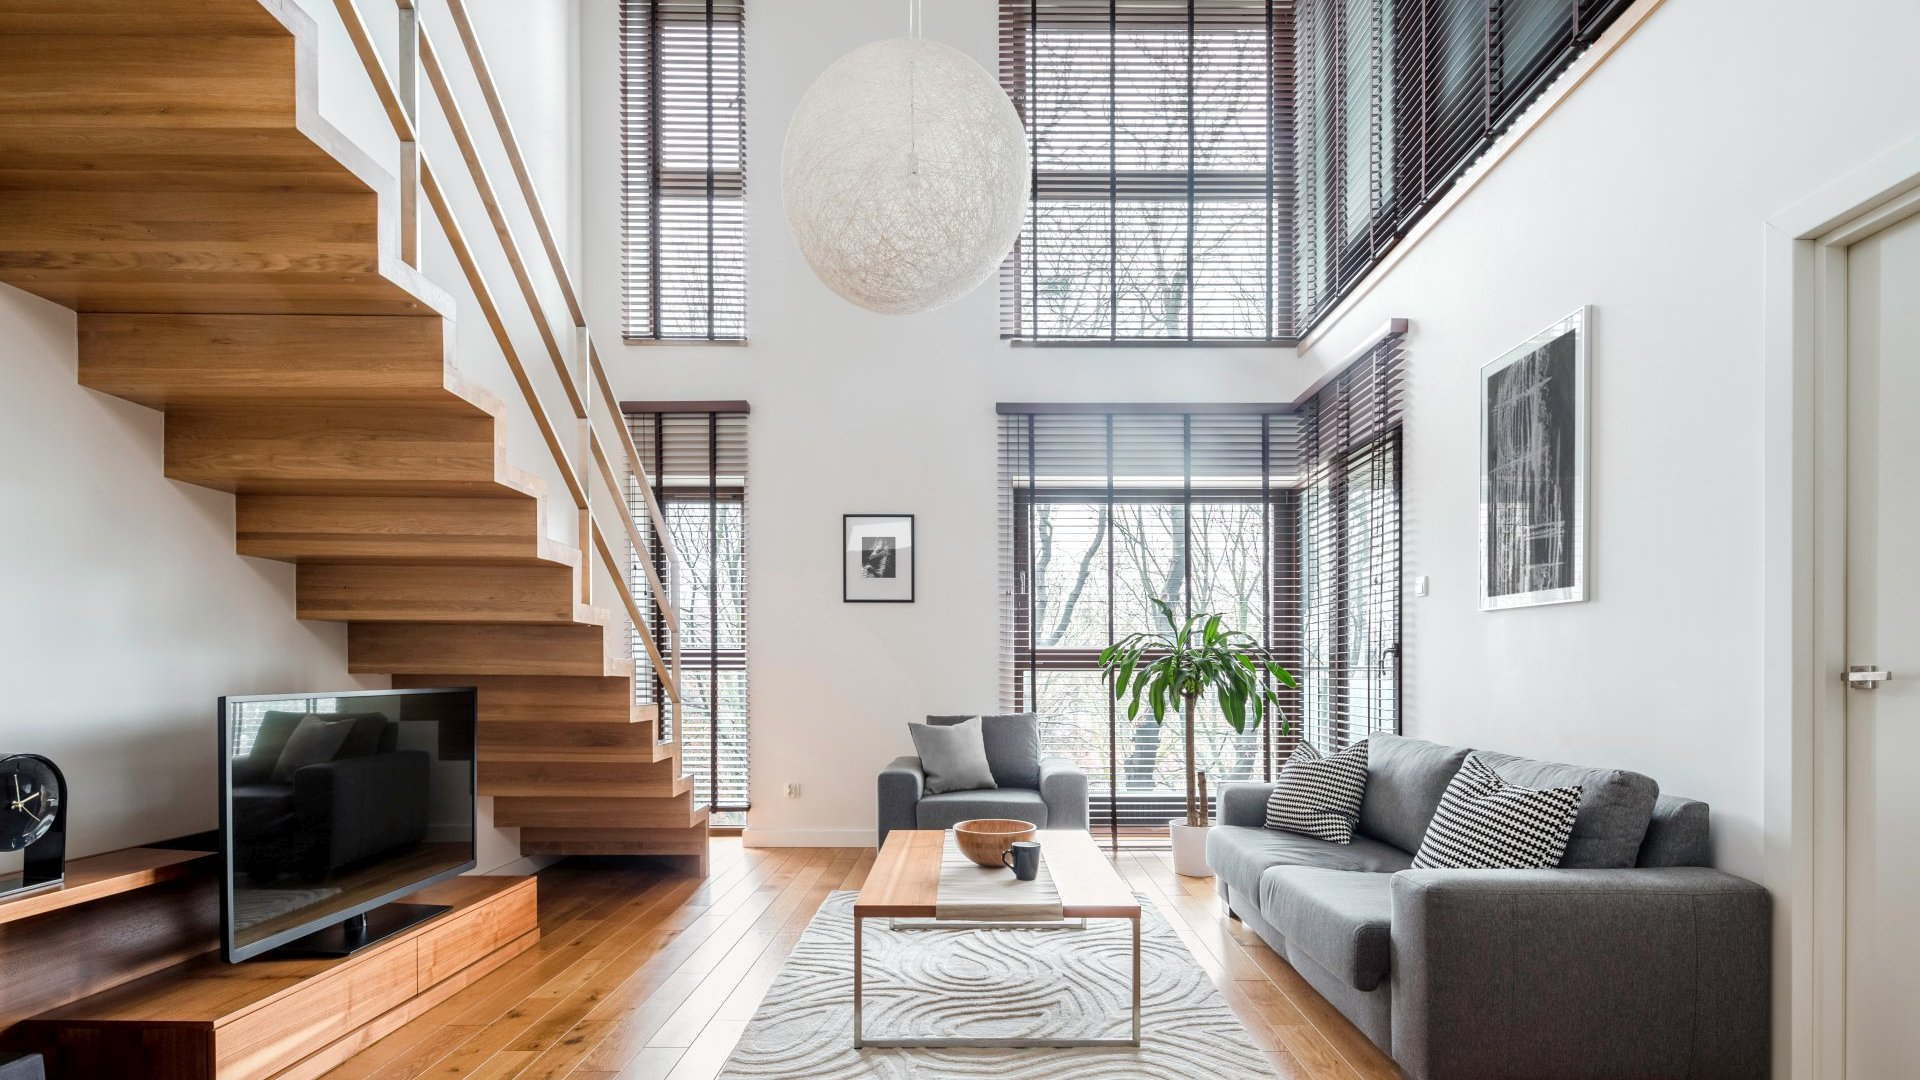 Przestronny salon- drewniane schody   Projektowanie wnętrz   Wykańczanie wnętrz   Urządzamy pod klucz